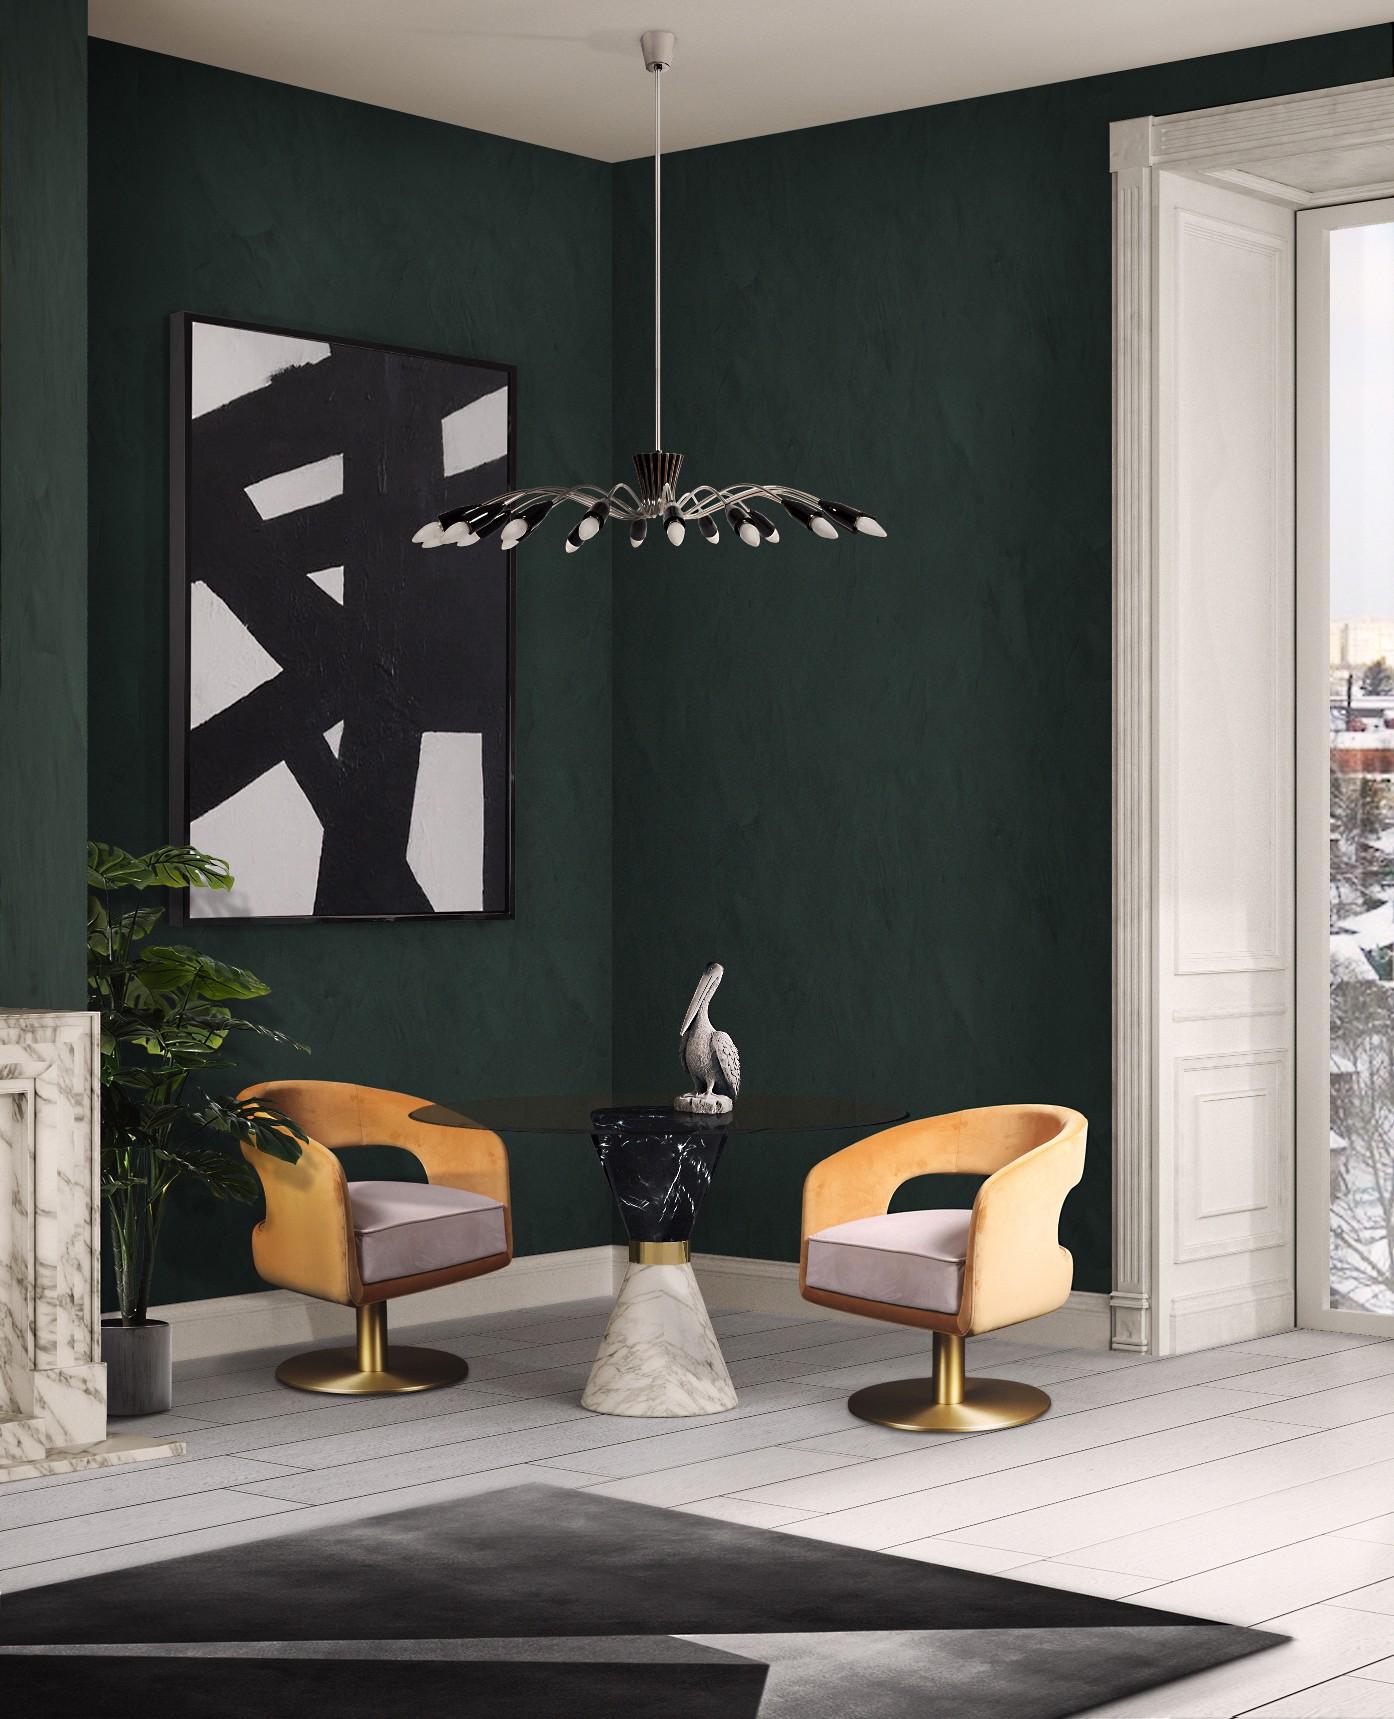 современный дизайн Декоративный свет в стиле MID-CENTURY это прекрасное дополнения к вашему интерьеру norah suspension ambience 02 HR